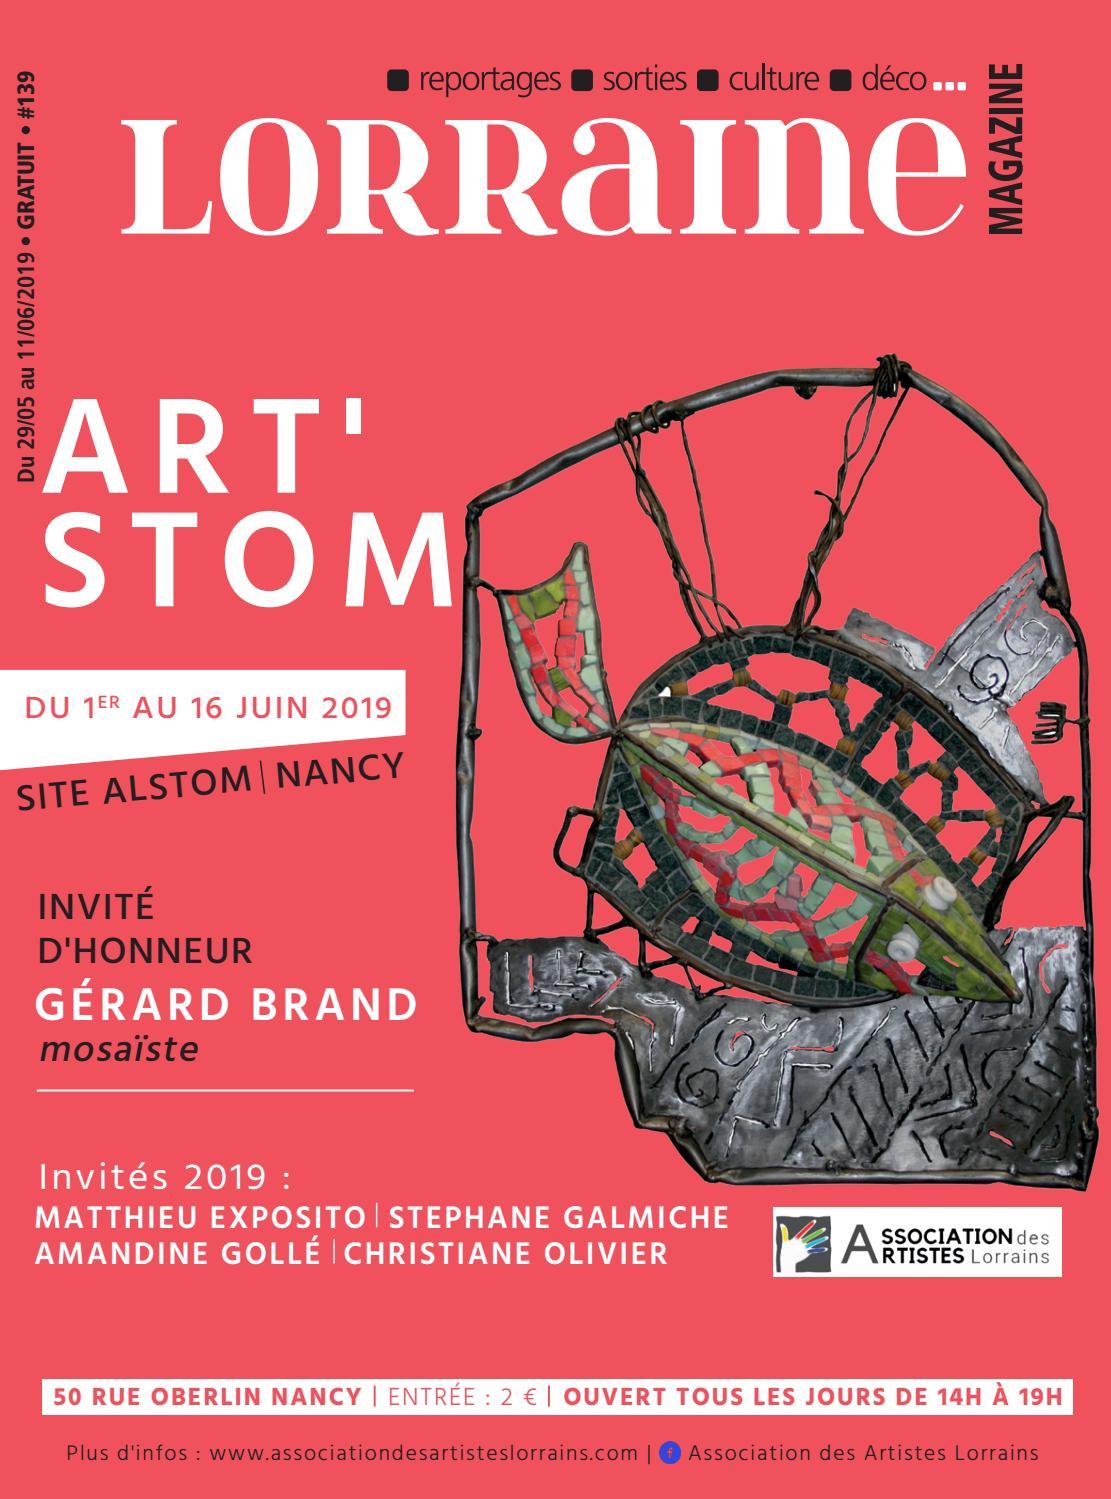 LorraineMag-139 by Lorraine Magazine - issuu